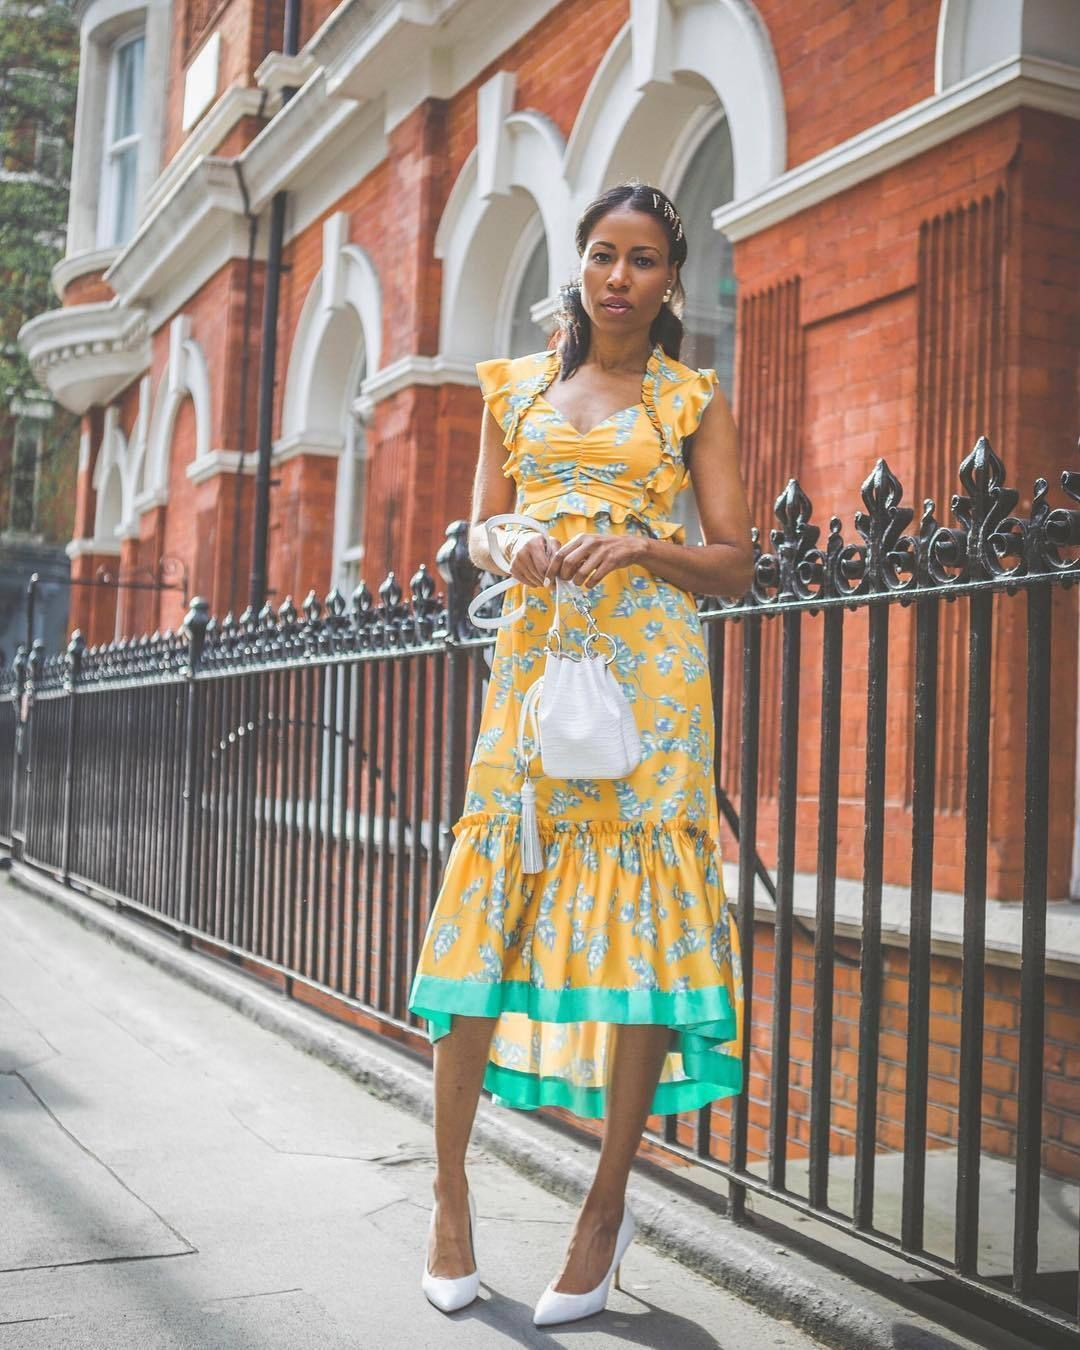 Dress, 554£ at farfetch.com – Wheretoget